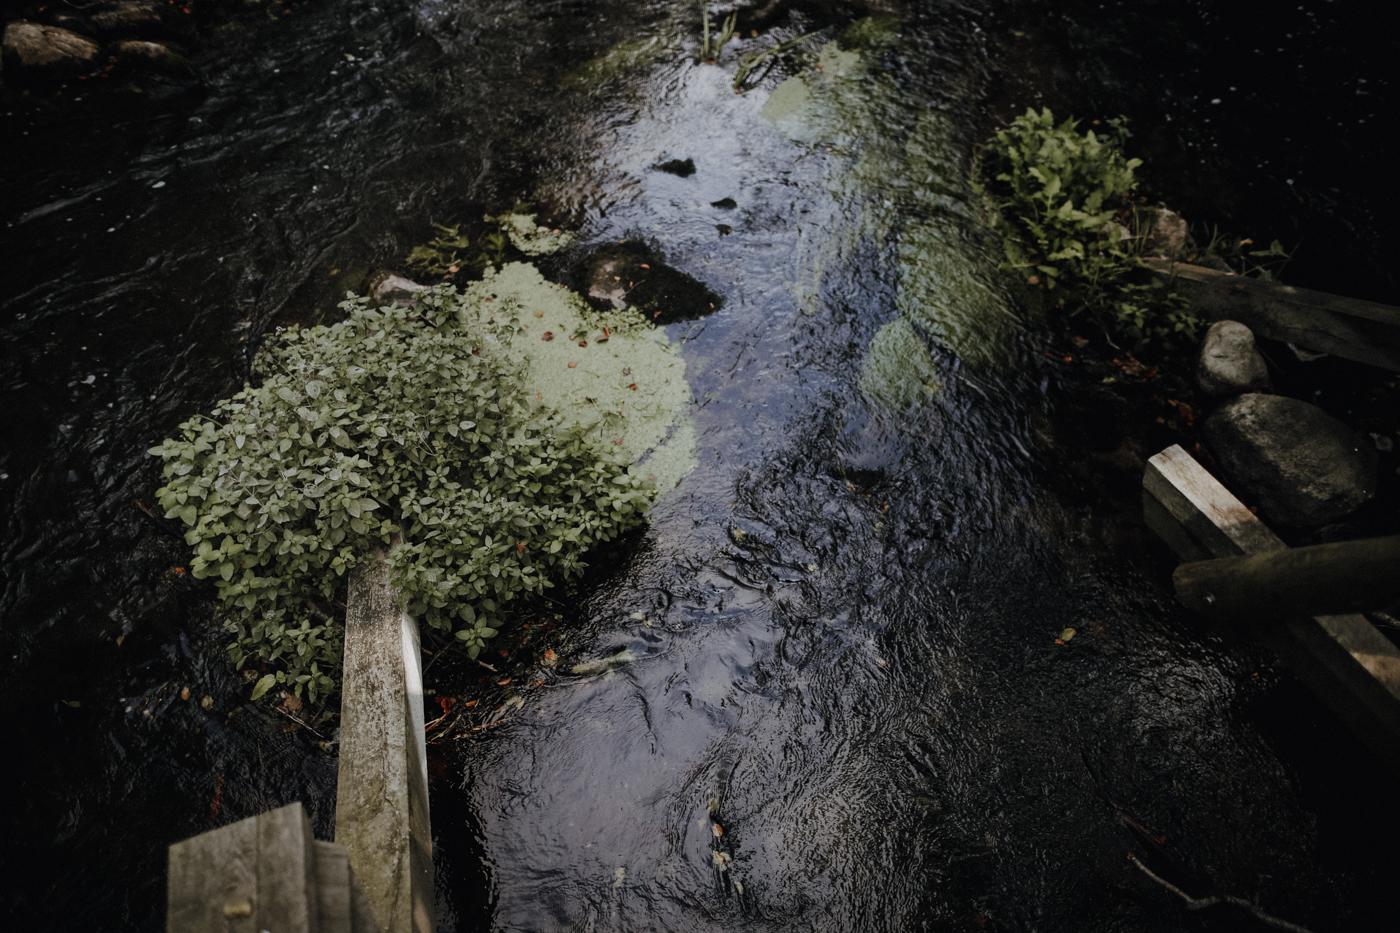 Bedrohte Art: Unio Crassus Im Bereich des Naturschutzgebietes lebt eine besonders seltene Art: Die kleine Flussmuschel. Obwohl die Muschel fast überall in Europa verbreitet ist, ist ihr Bestand bedroht. Flussbegradigungen und der hohe Nitratgehalt in den Flüssen durch die Landwirtschaft lassen die Bestände stetig schrumpfen. Problematisch ist, dass die Warnow auch im Bereich des Naturschutzgebietes mit Kajaks befahren werden kann, was durch die wilden, natürlichen Flussläufe aber gar nicht mal so einfach ist. Wenn dann die Paddel in den Boden eingestochen werden oder die Kajaks an flachen Stellen aufsetzen, werden immer wieder Muscheln zerstört. Deshalb einigte man sich mit den Kajakanbietern der Region auf die freiwillige Regelung, unter 30 cm Wasserstand keine Kajaks mehr aufs Wasser zu lassen. Besser wäre es jedoch, im Bereich des Warnowtals überhaupt nicht mit dem Kajak zu fahren und lieber andere Orte außerhalb der Naturschutzgebiete für Kajaktouren zu wählen.